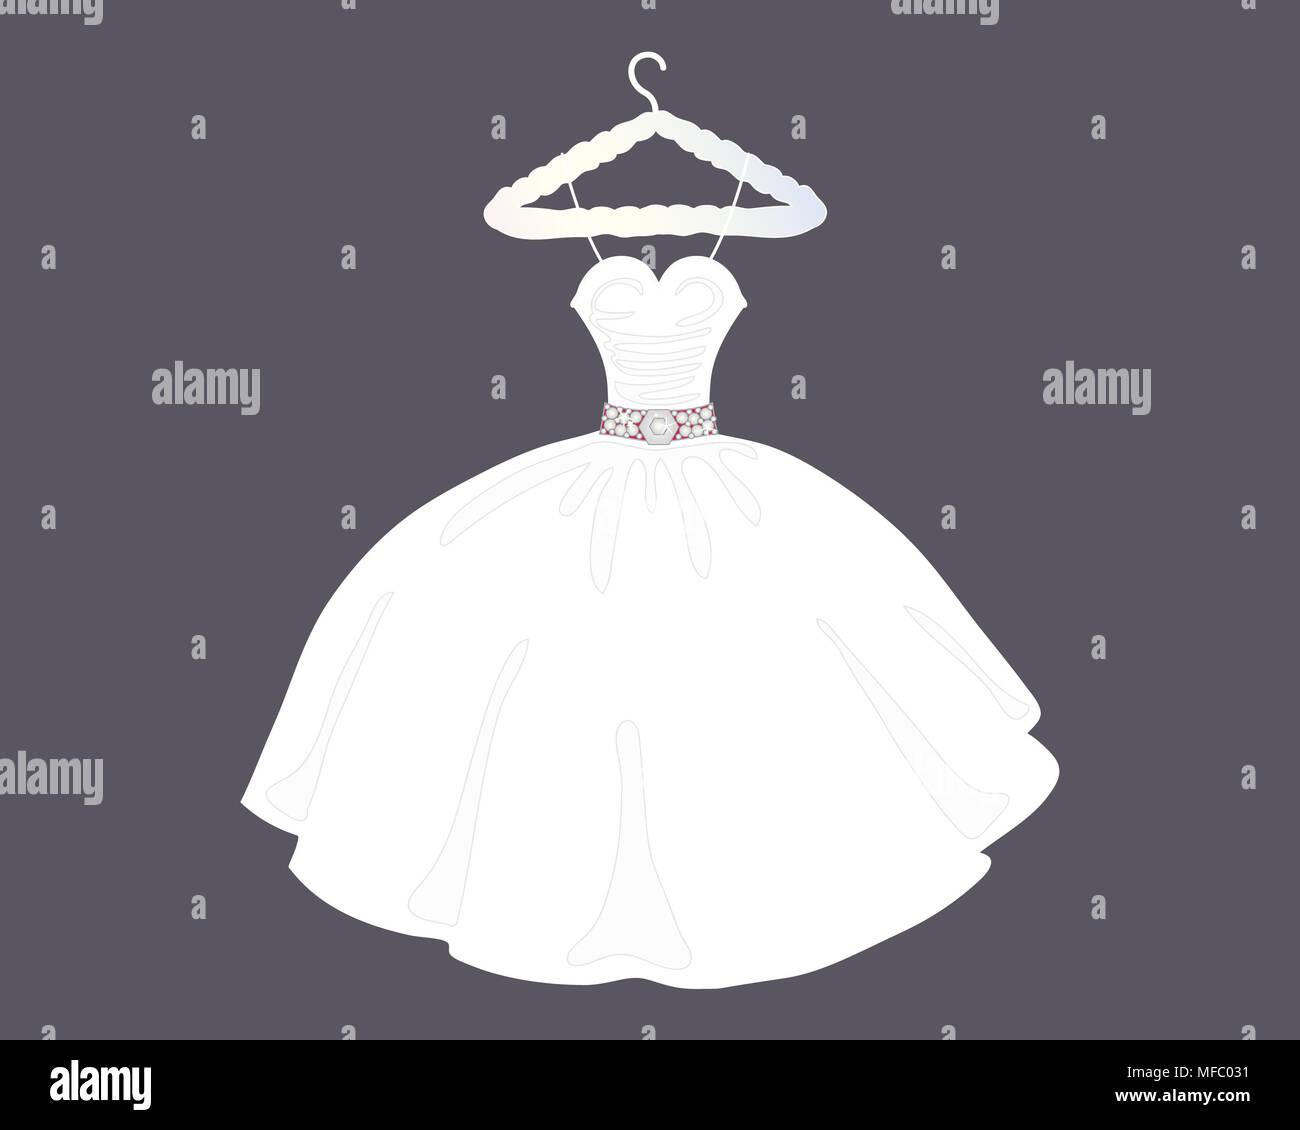 Una illustrazione di un designer di Bellissimo abito da sposa in palla abito stile su un negozio appendiabiti con sfondo grigio Immagini Stock